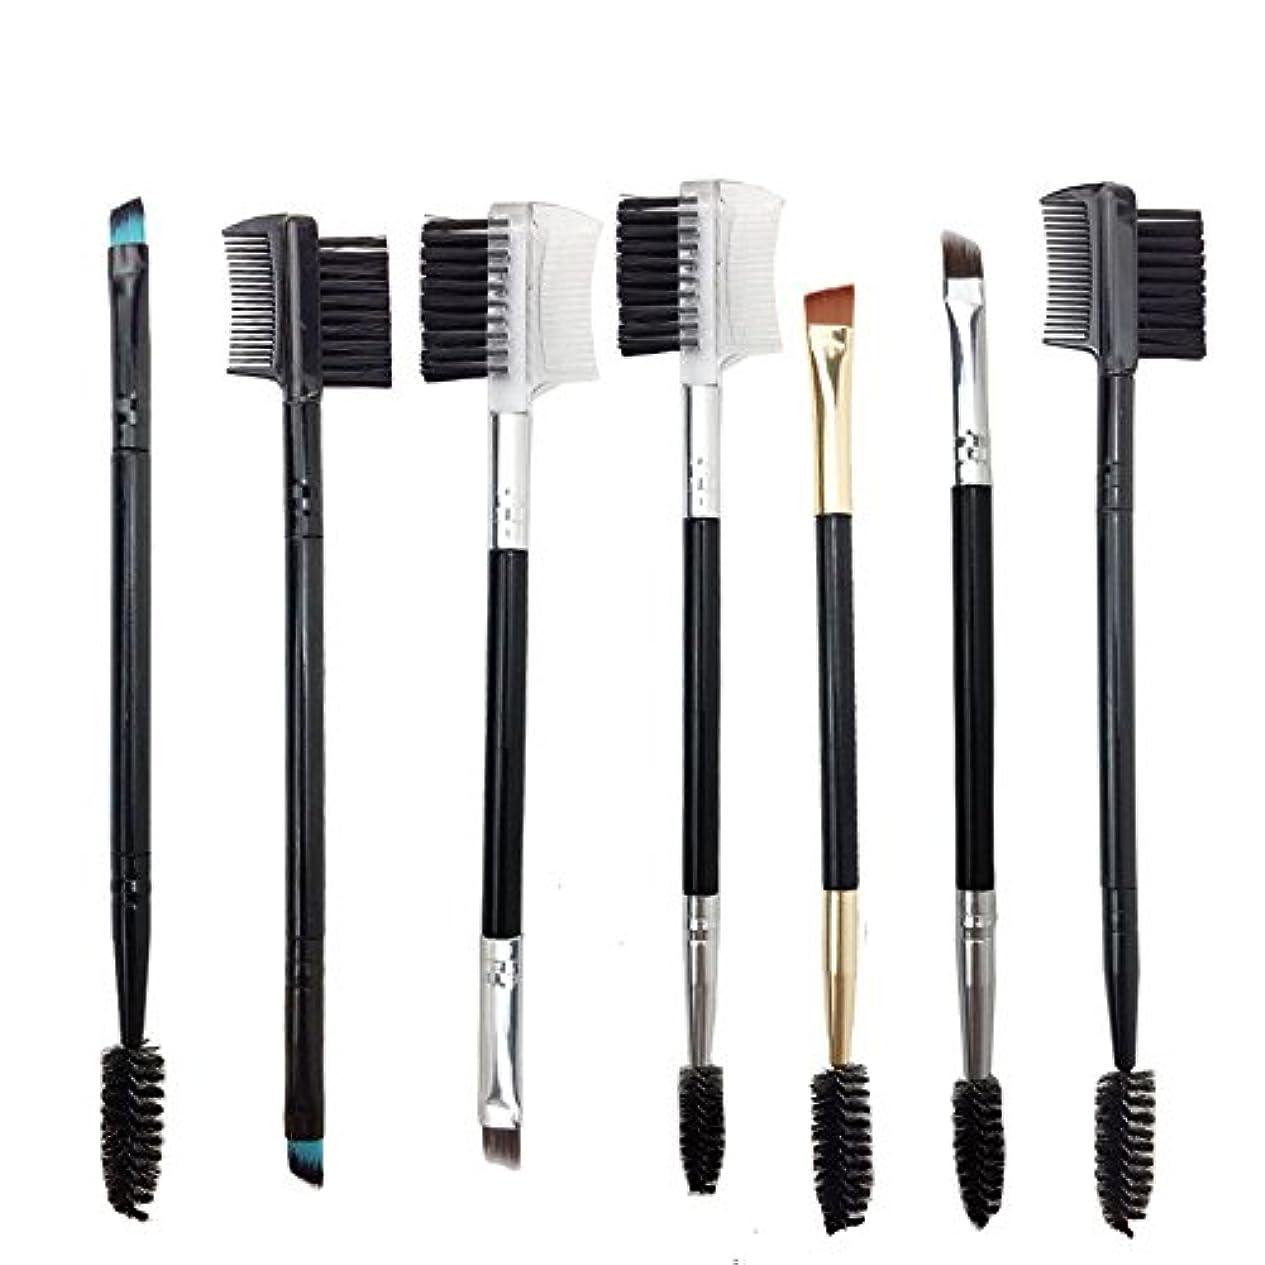 眉移植和解するAkane 7本 プロ 優雅 ダブルヘッド 上等 便利 高級 魅力的 綺麗 美感 多機能 おしゃれ 柔らかい アイメイク アイシャドウ たっぷり 激安 日常 仕事 Makeup Brush メイクアップブラシ MZC-92